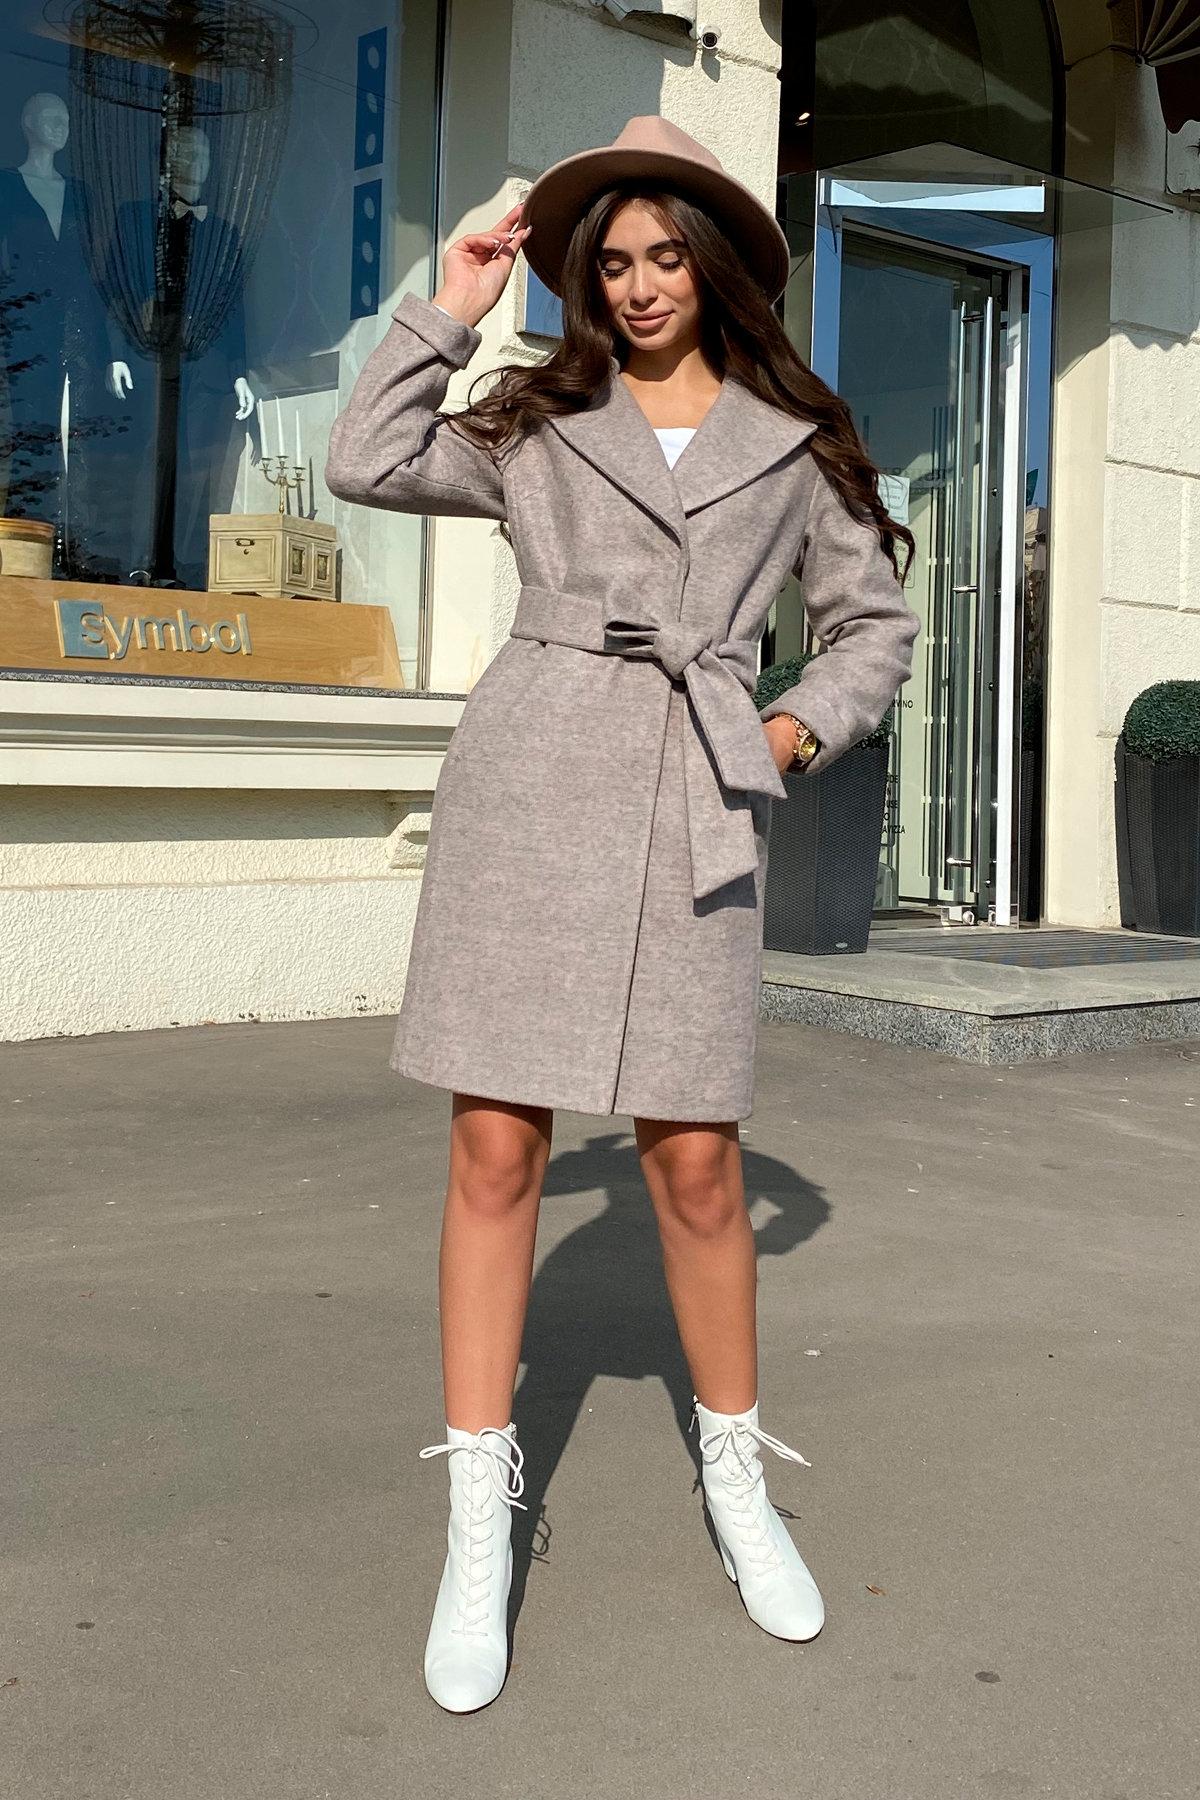 Пальто Месси 6259 АРТ. 41054 Цвет: Бежевый 31 - фото 6, интернет магазин tm-modus.ru